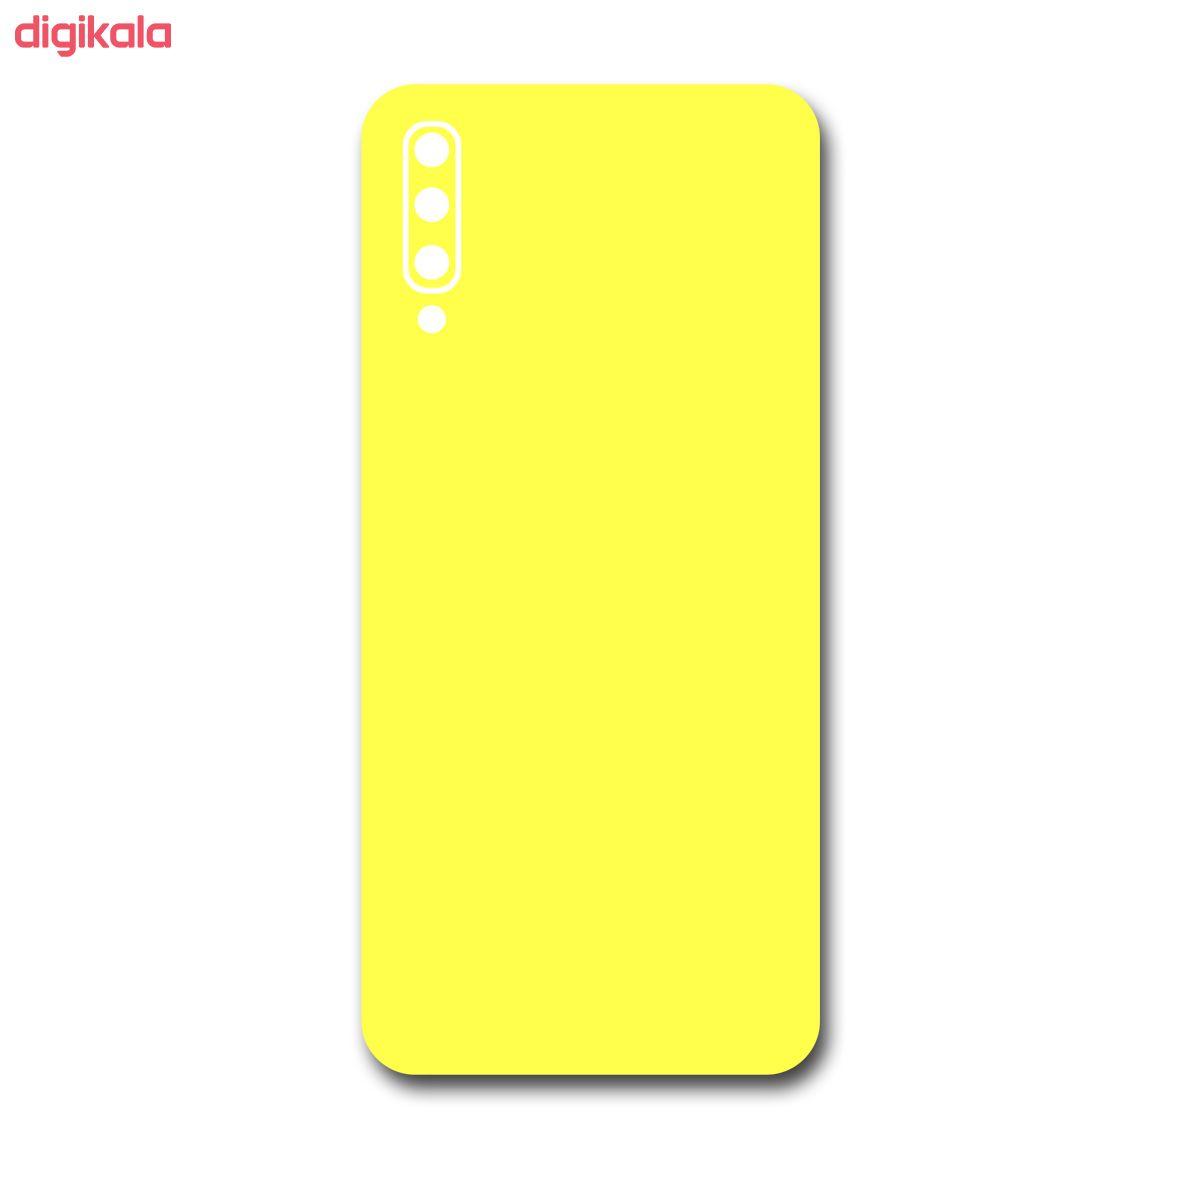 برچسب پوششی مدلsport series مناسب برای گوشی موبایل سامسونگ galaxy A50